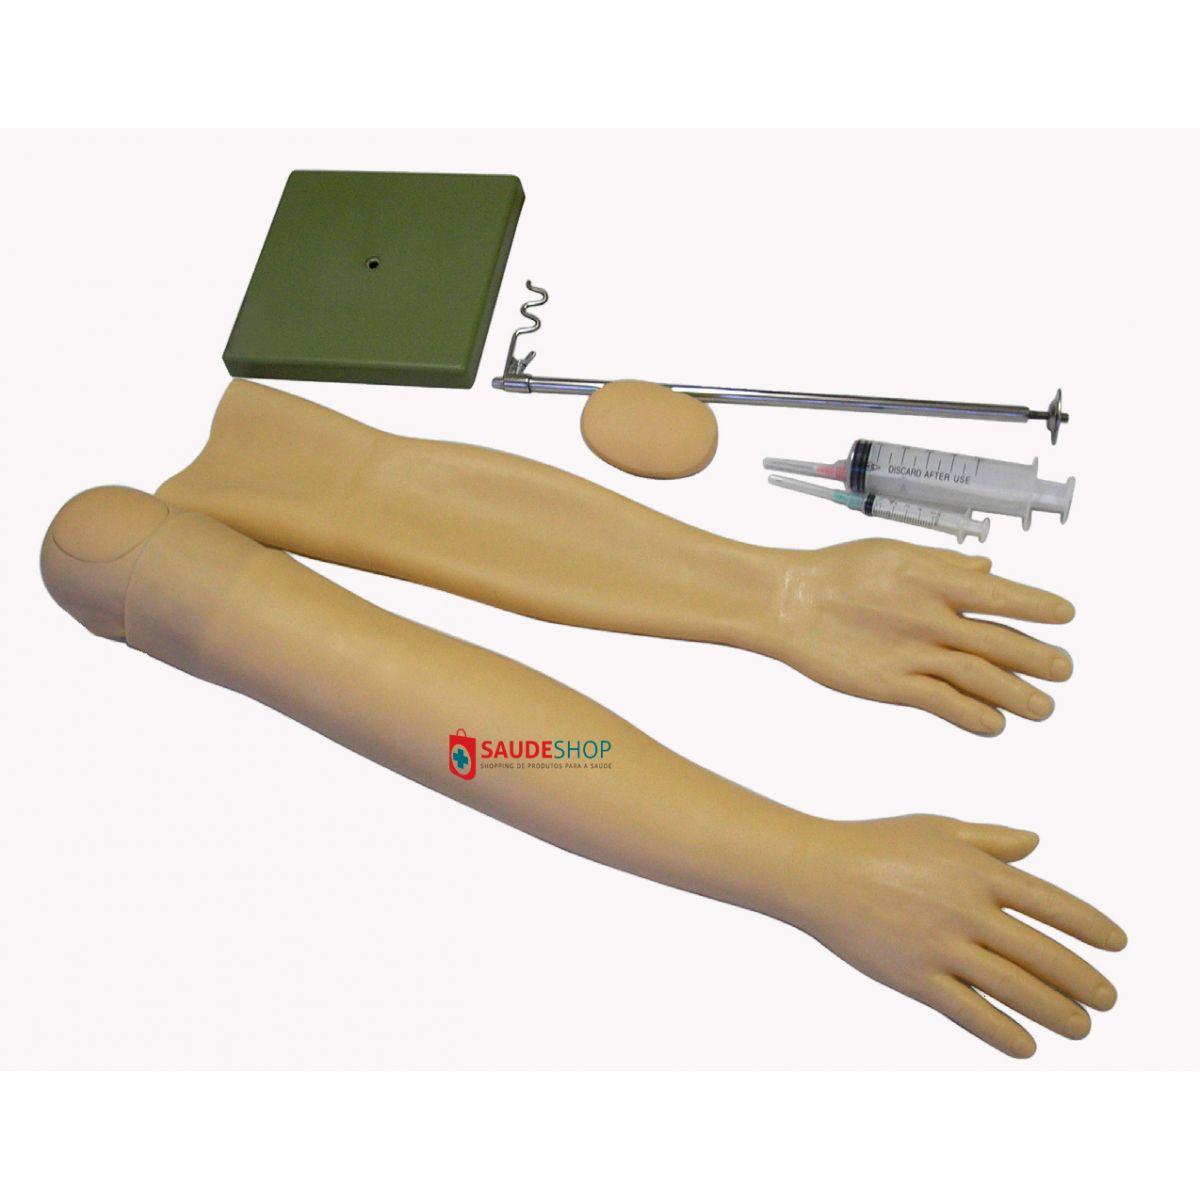 Modelo de Braço para Injeção e Punção Venosa - Mod.ES-6021 - Edutec